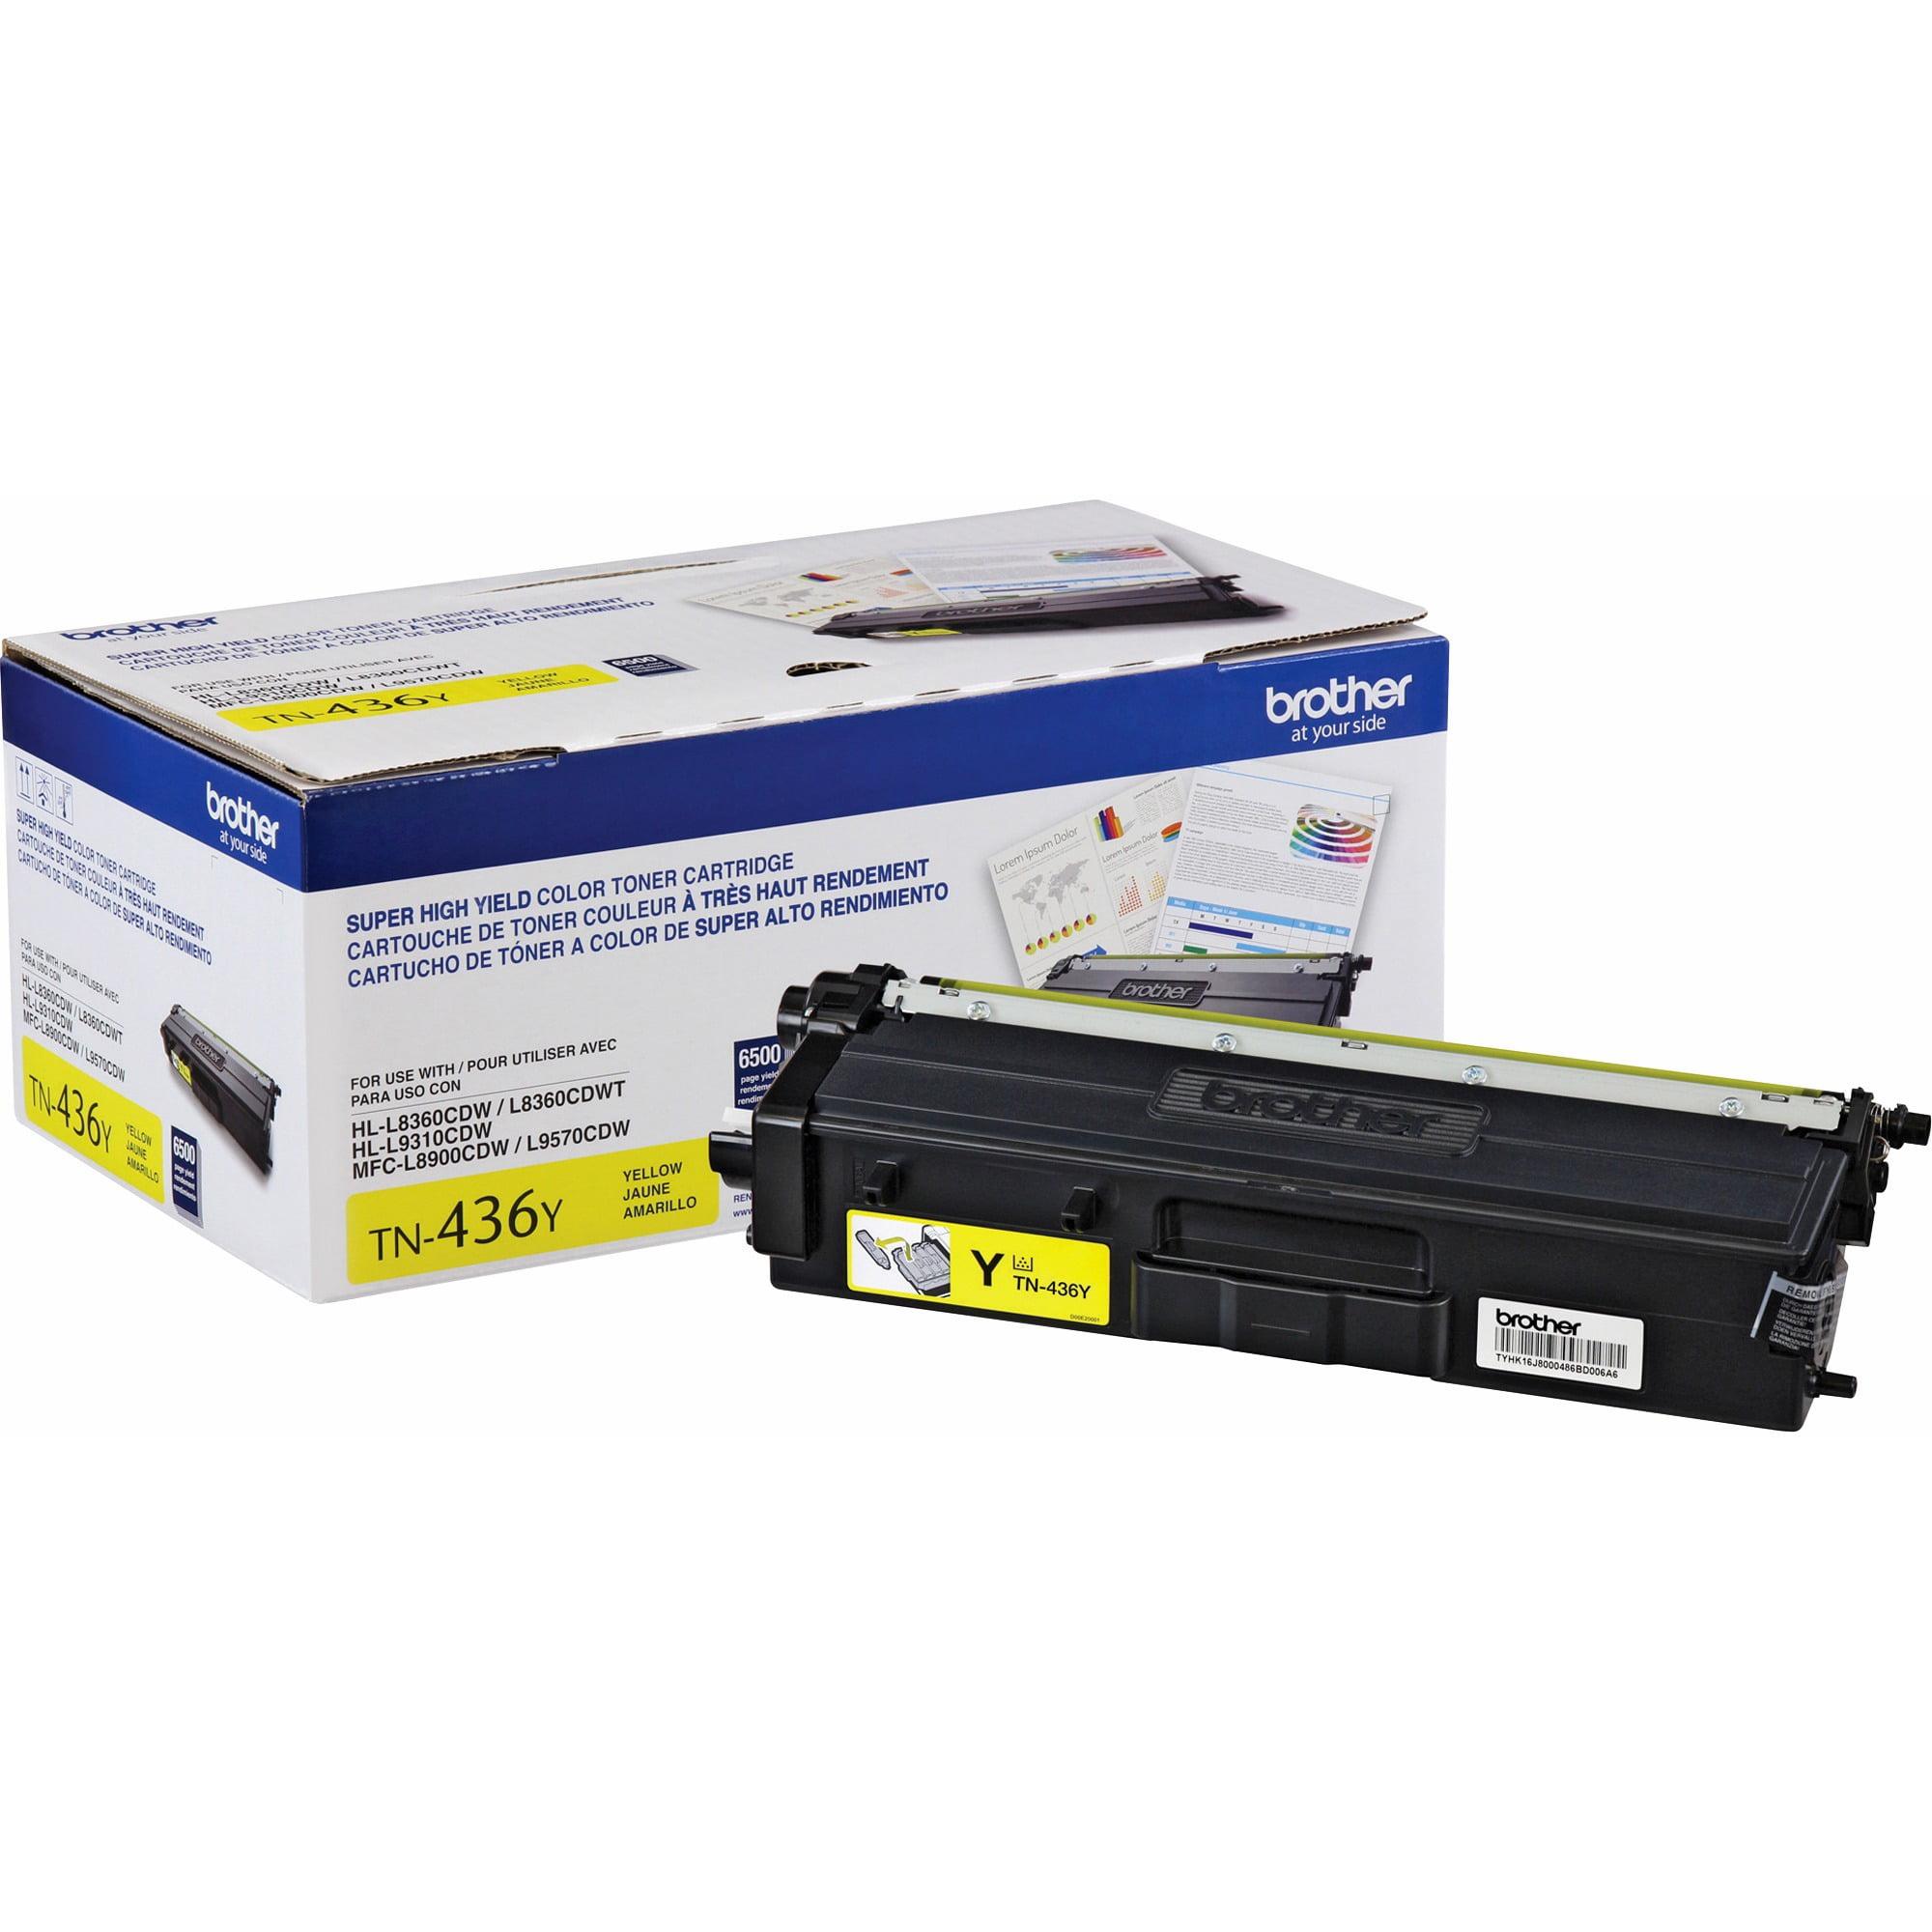 Brother, BRTTN436Y, TN436Y Toner Cartridge, 1 Each